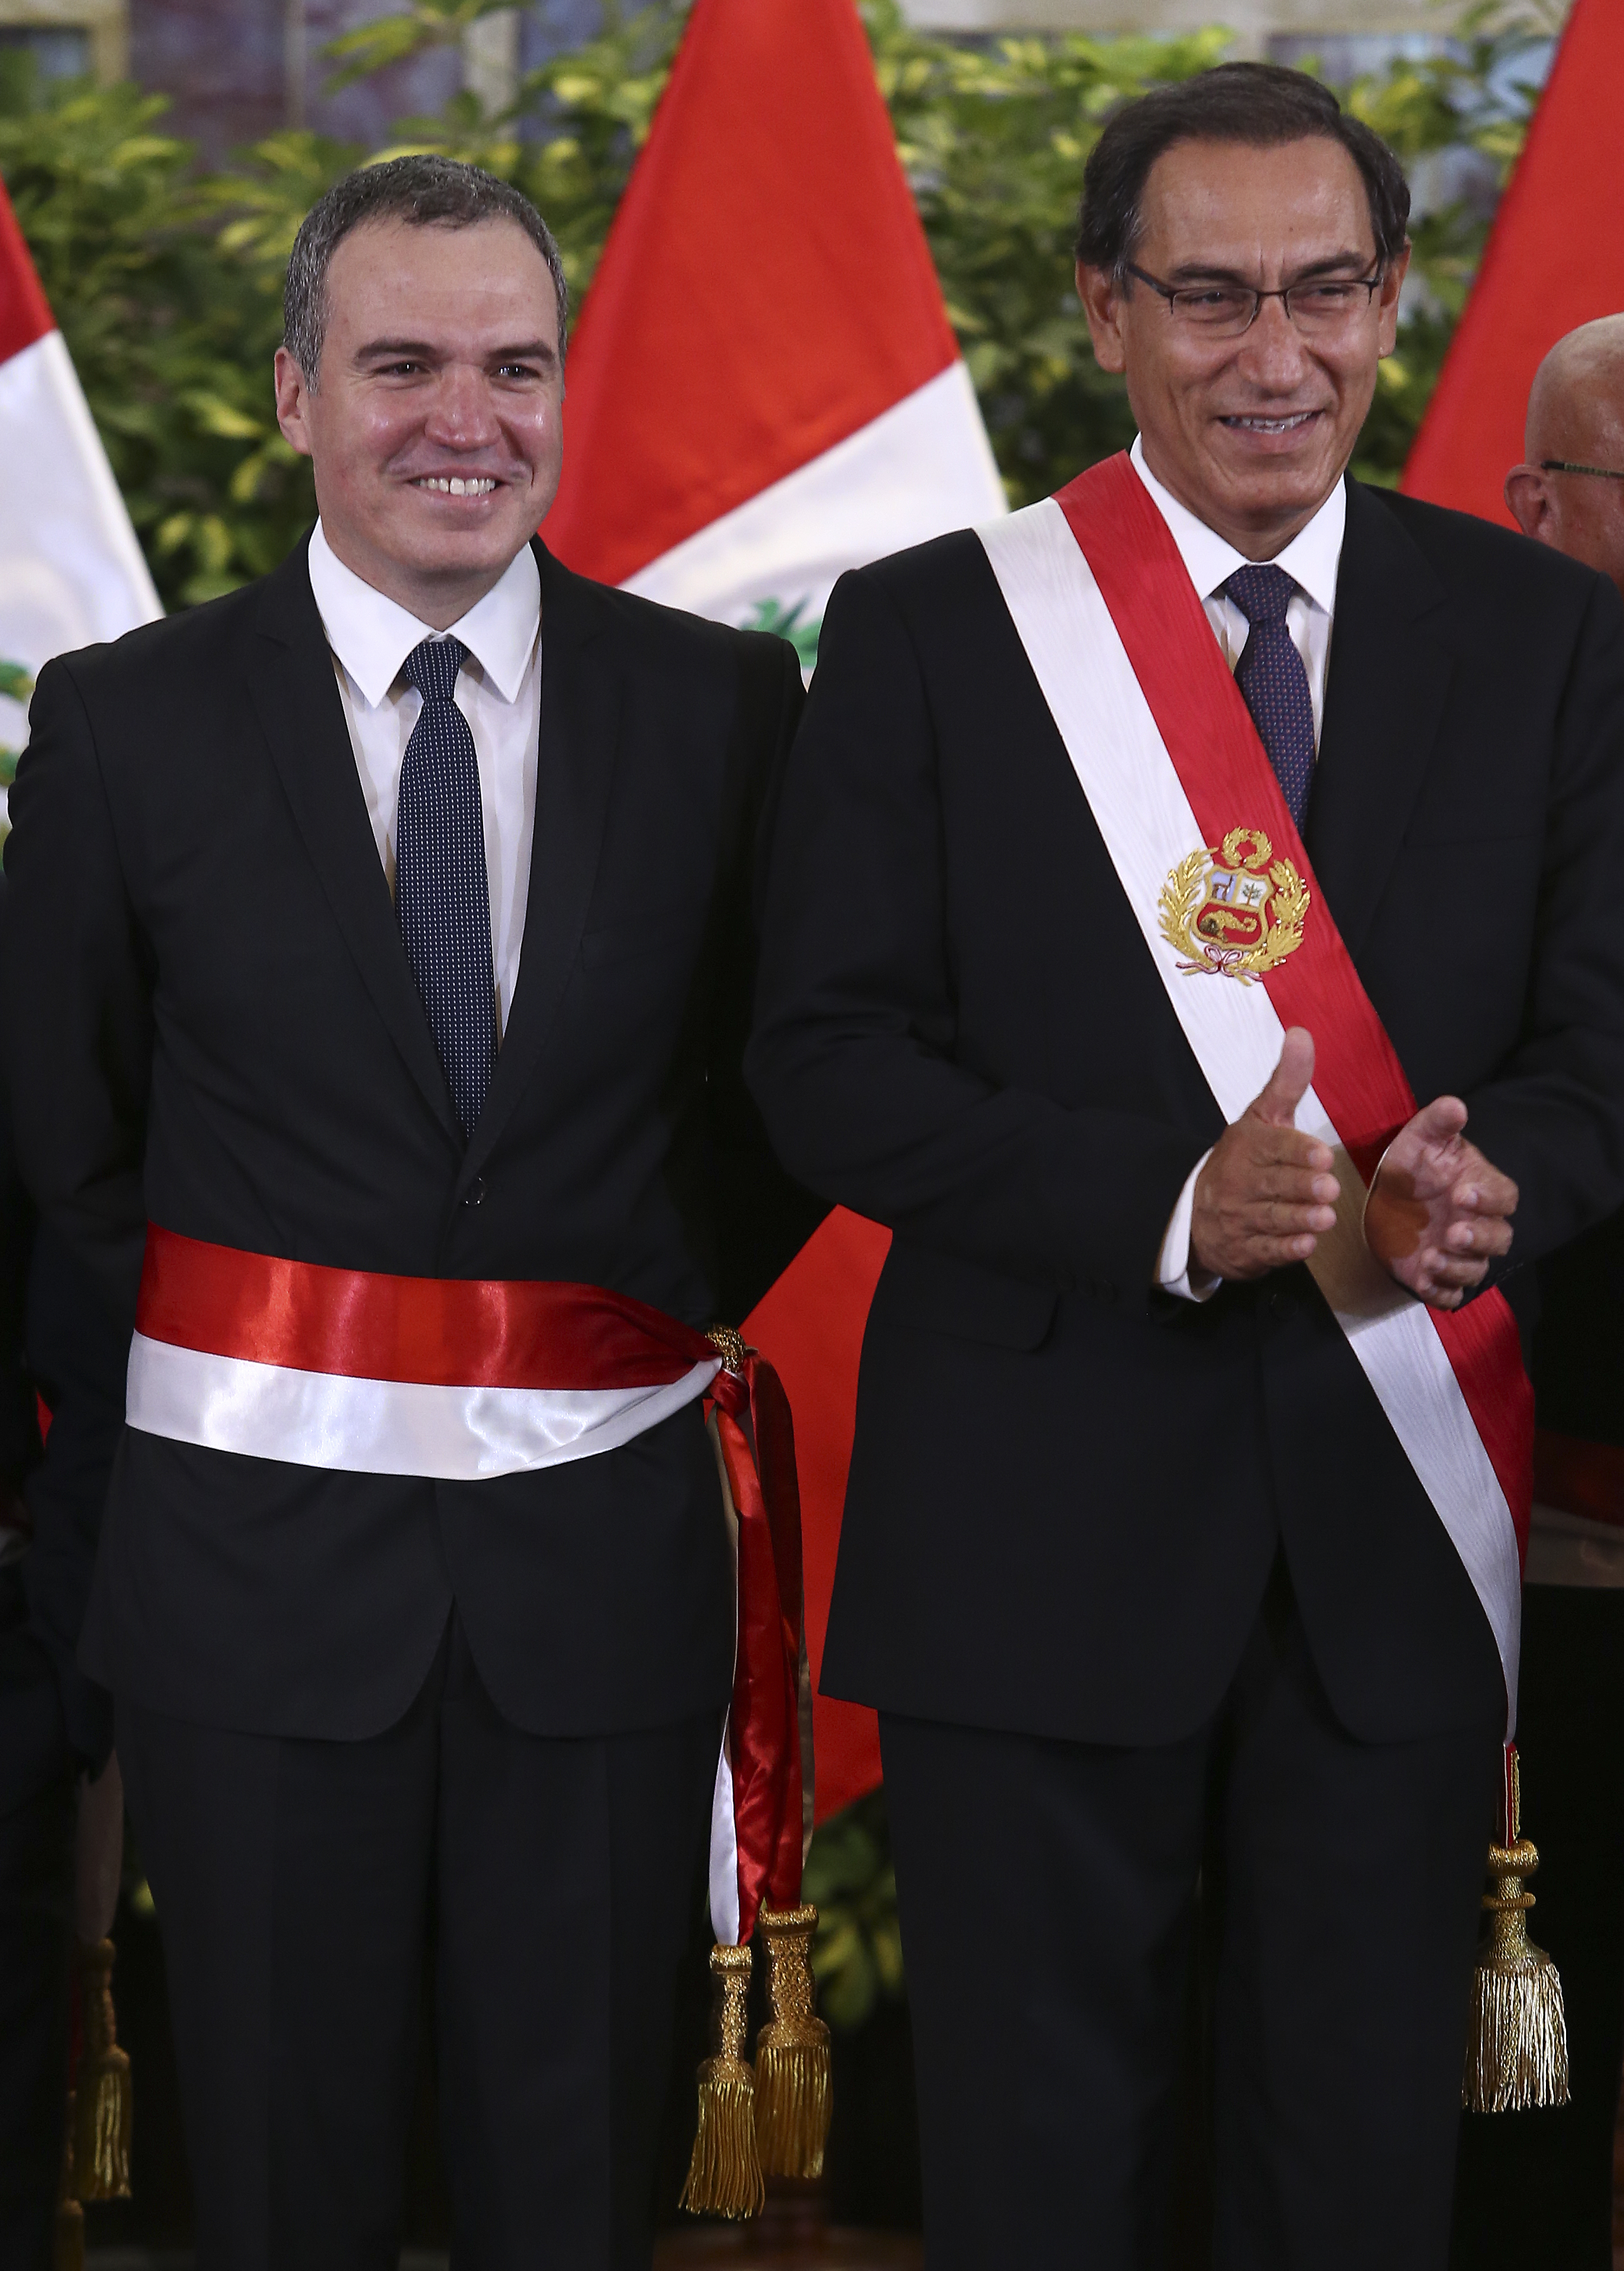 El ex primer ministro Salvador del Solar y el presidente Martín Vizcarra luciendo las confecciones de la familia Grados Palomino. (Foto: GEC)